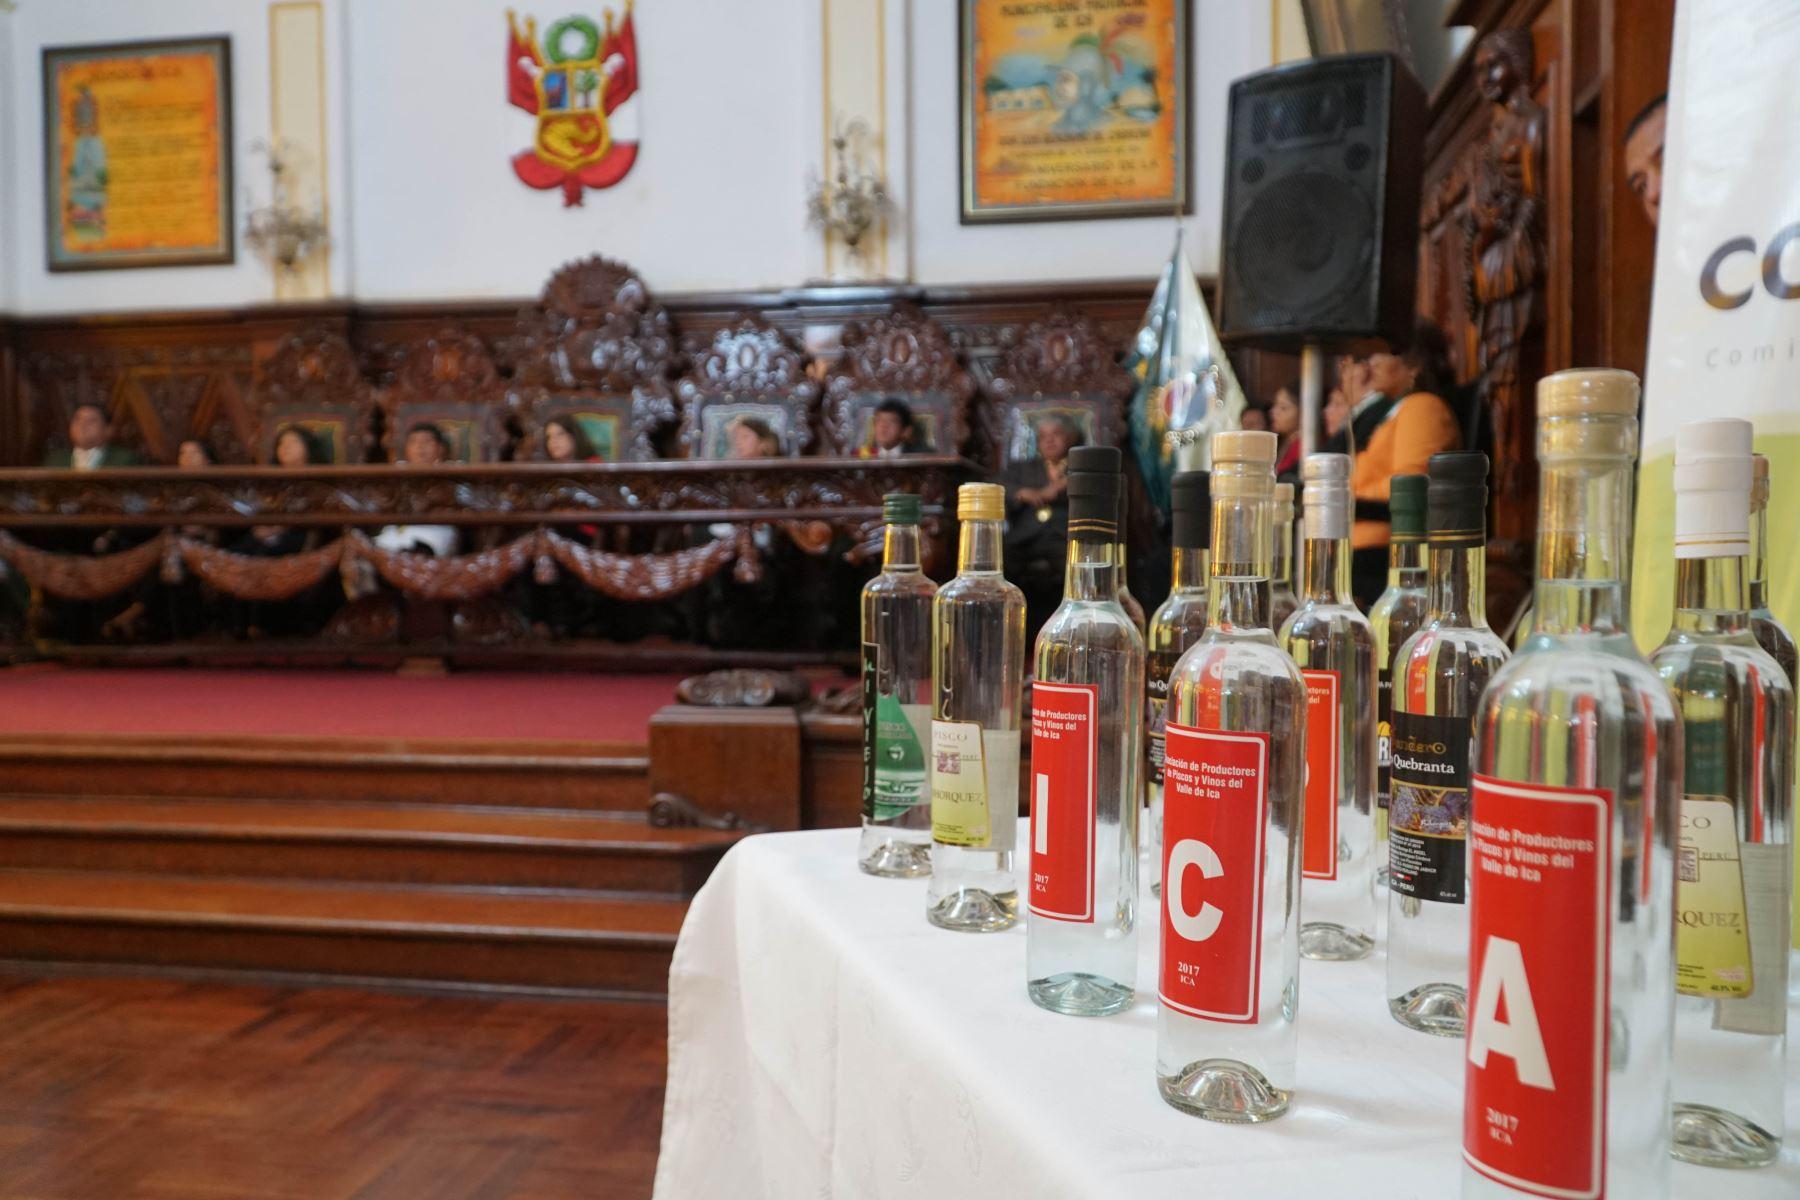 El Perú cuenta con el reconocimiento del pisco en 71 países, de los cuales 30 reconocen la denominación de origen en exclusiva a nuestro país. Foto:ANDINA/Cortesía Genry Bautista